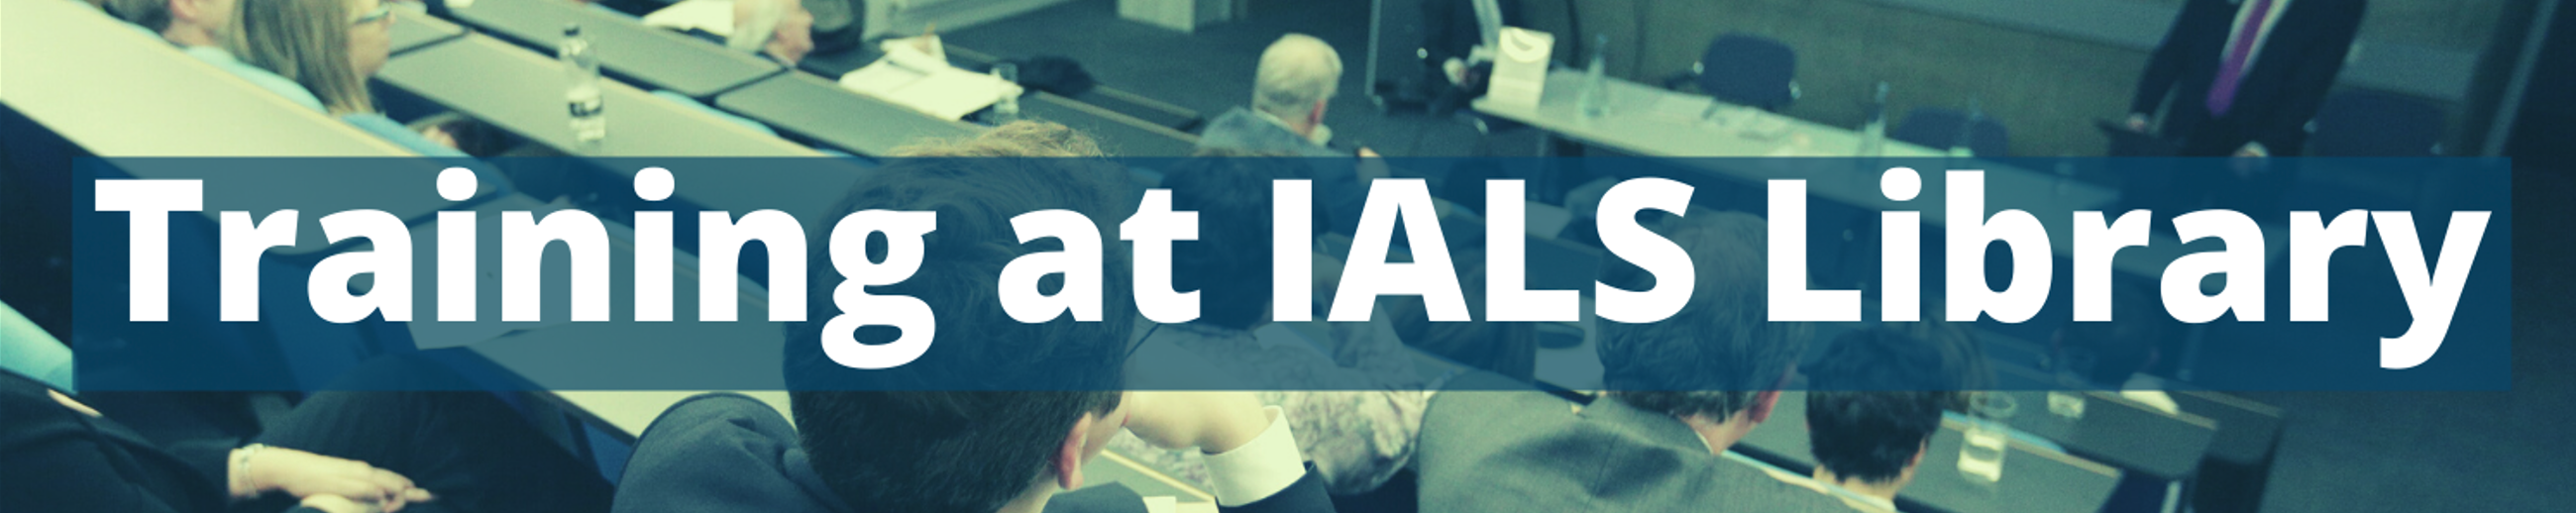 Training at IALS Library